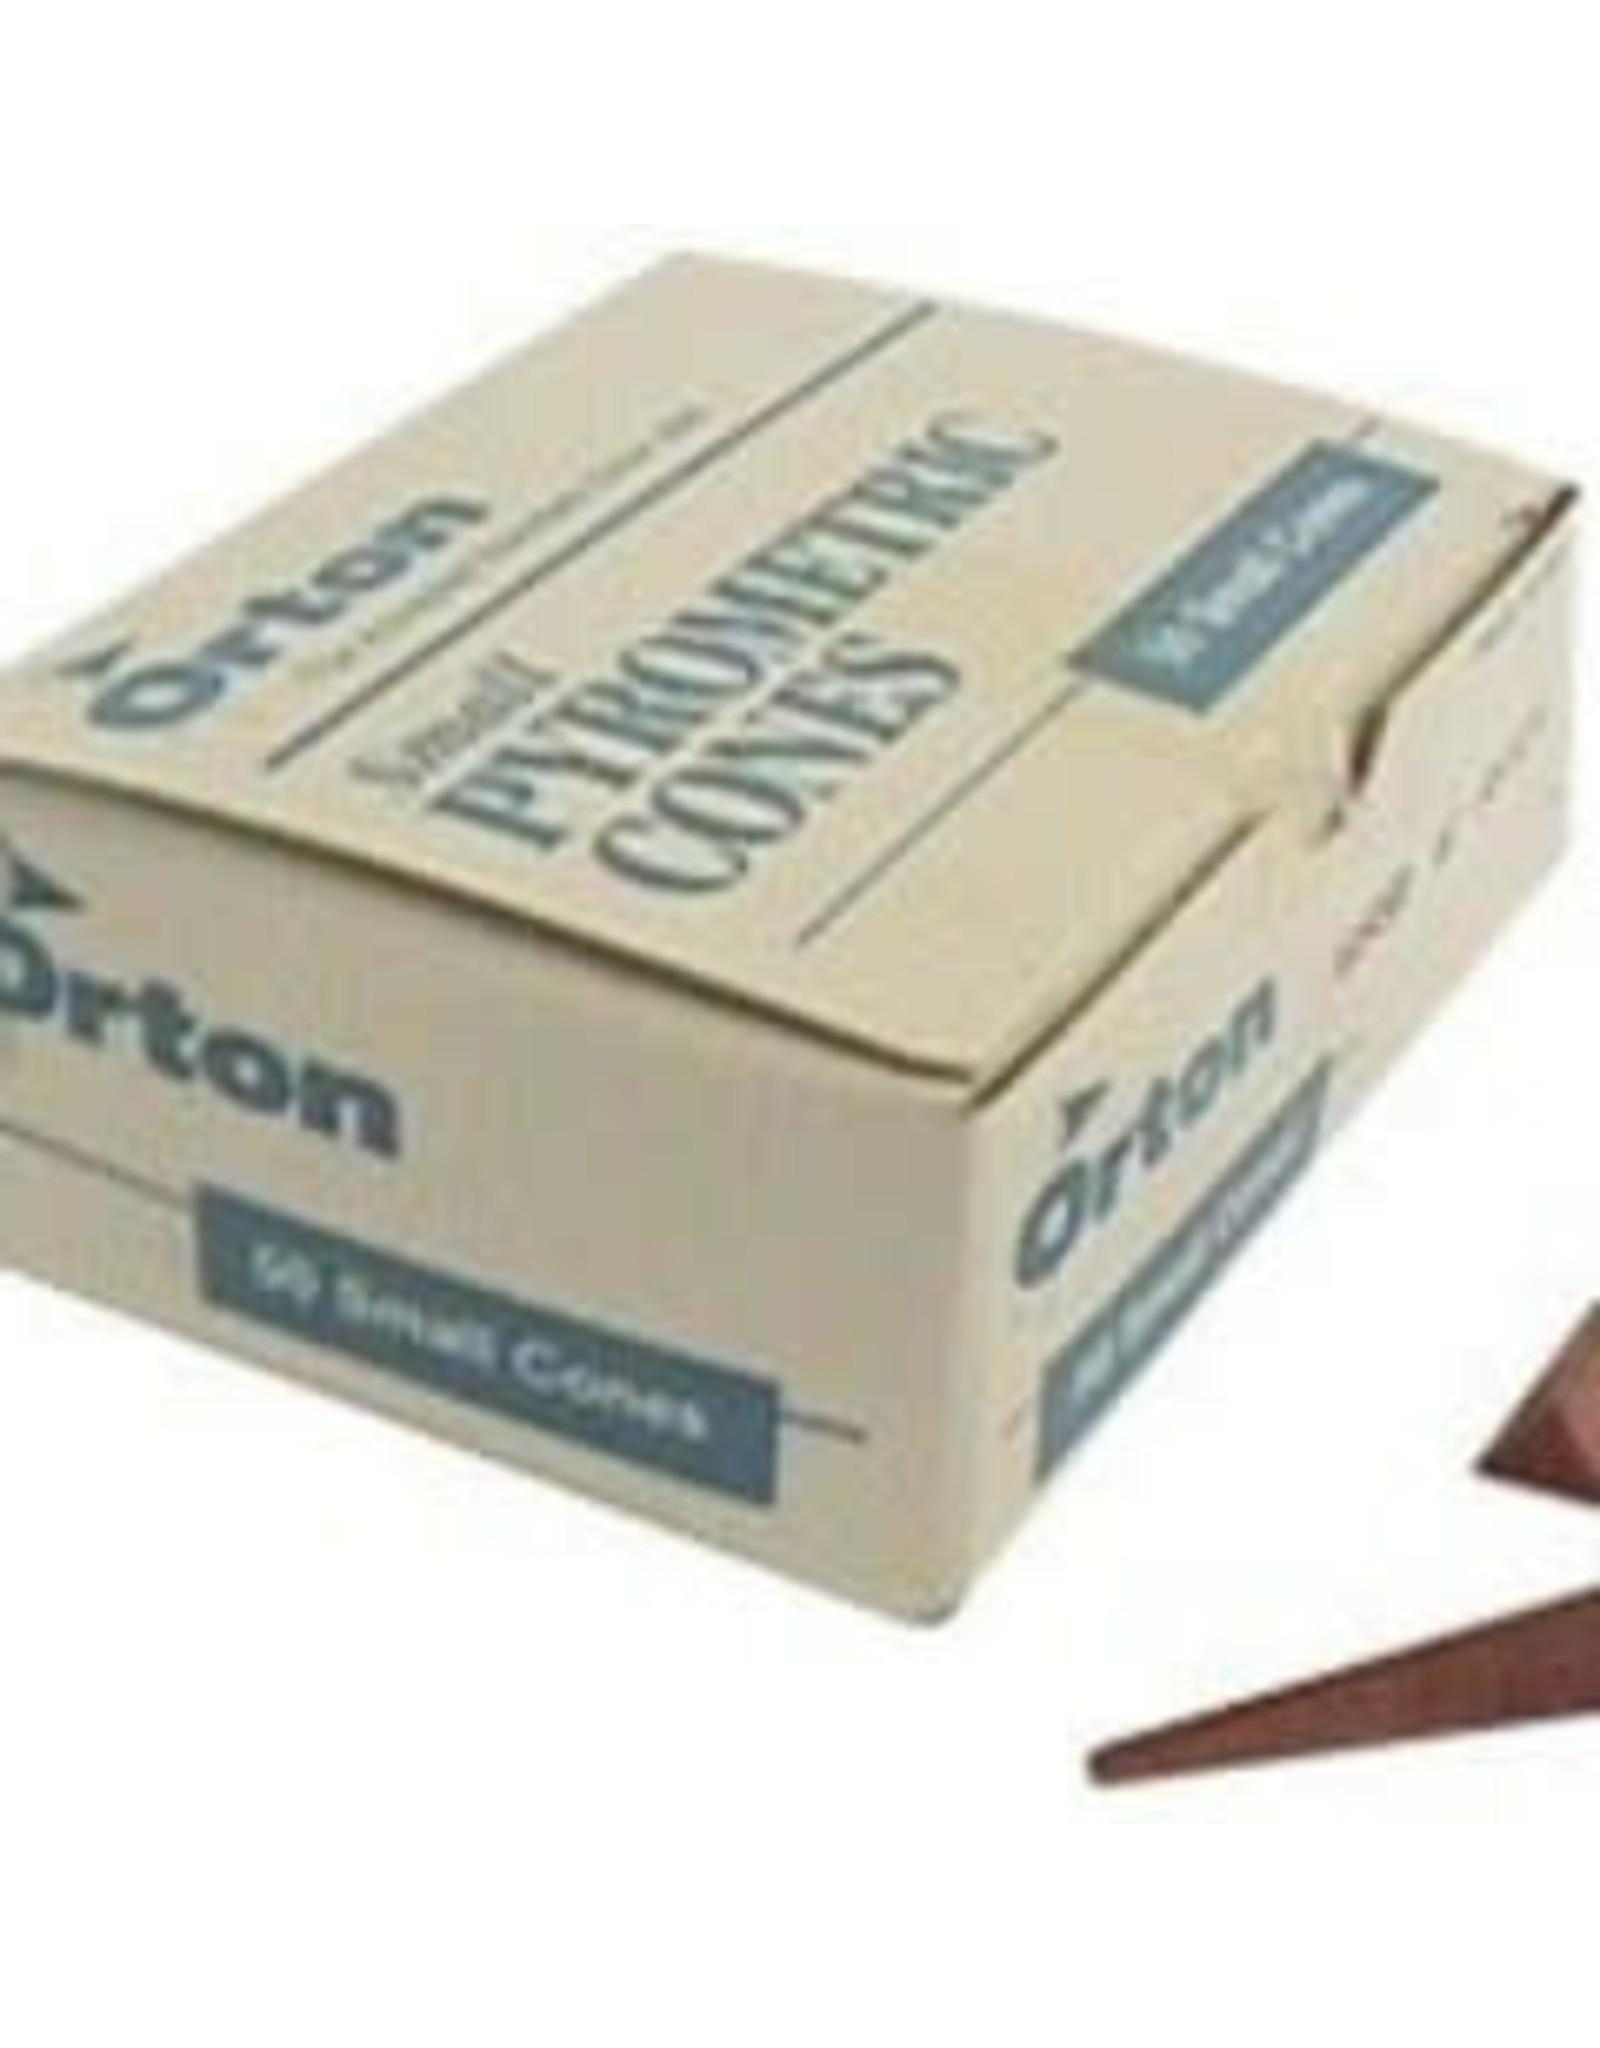 Orton small cone 013 (x50)